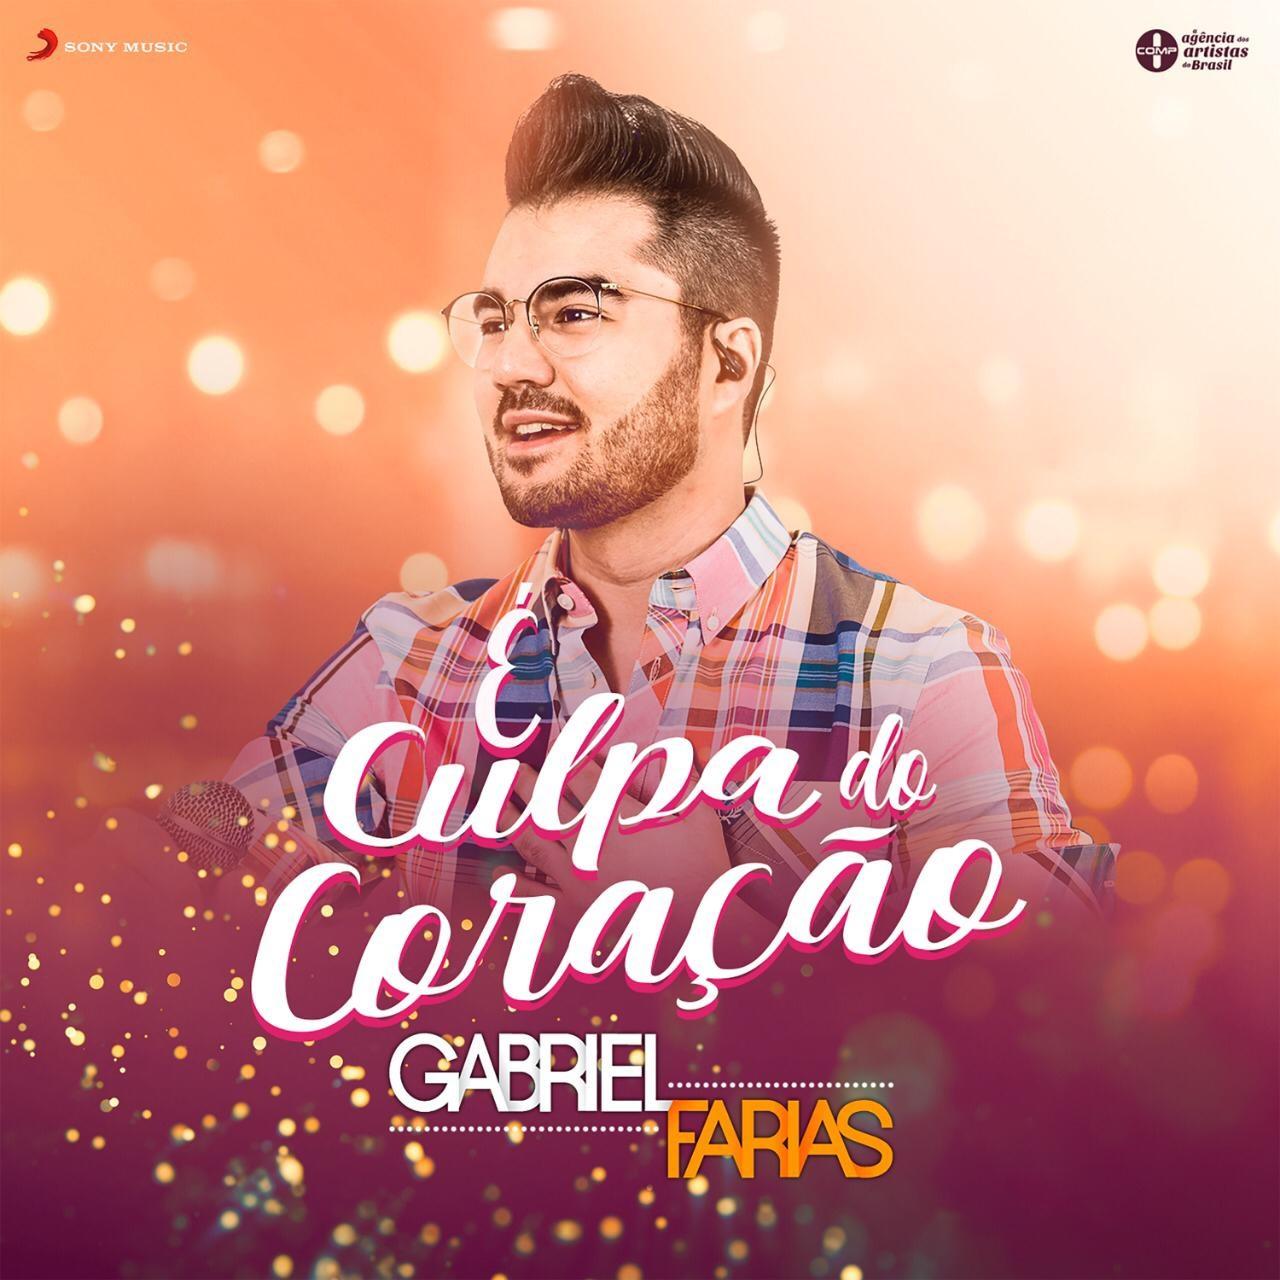 """Gabriel Farias lança videoclipe da música """"É culpa do coração"""" 41"""